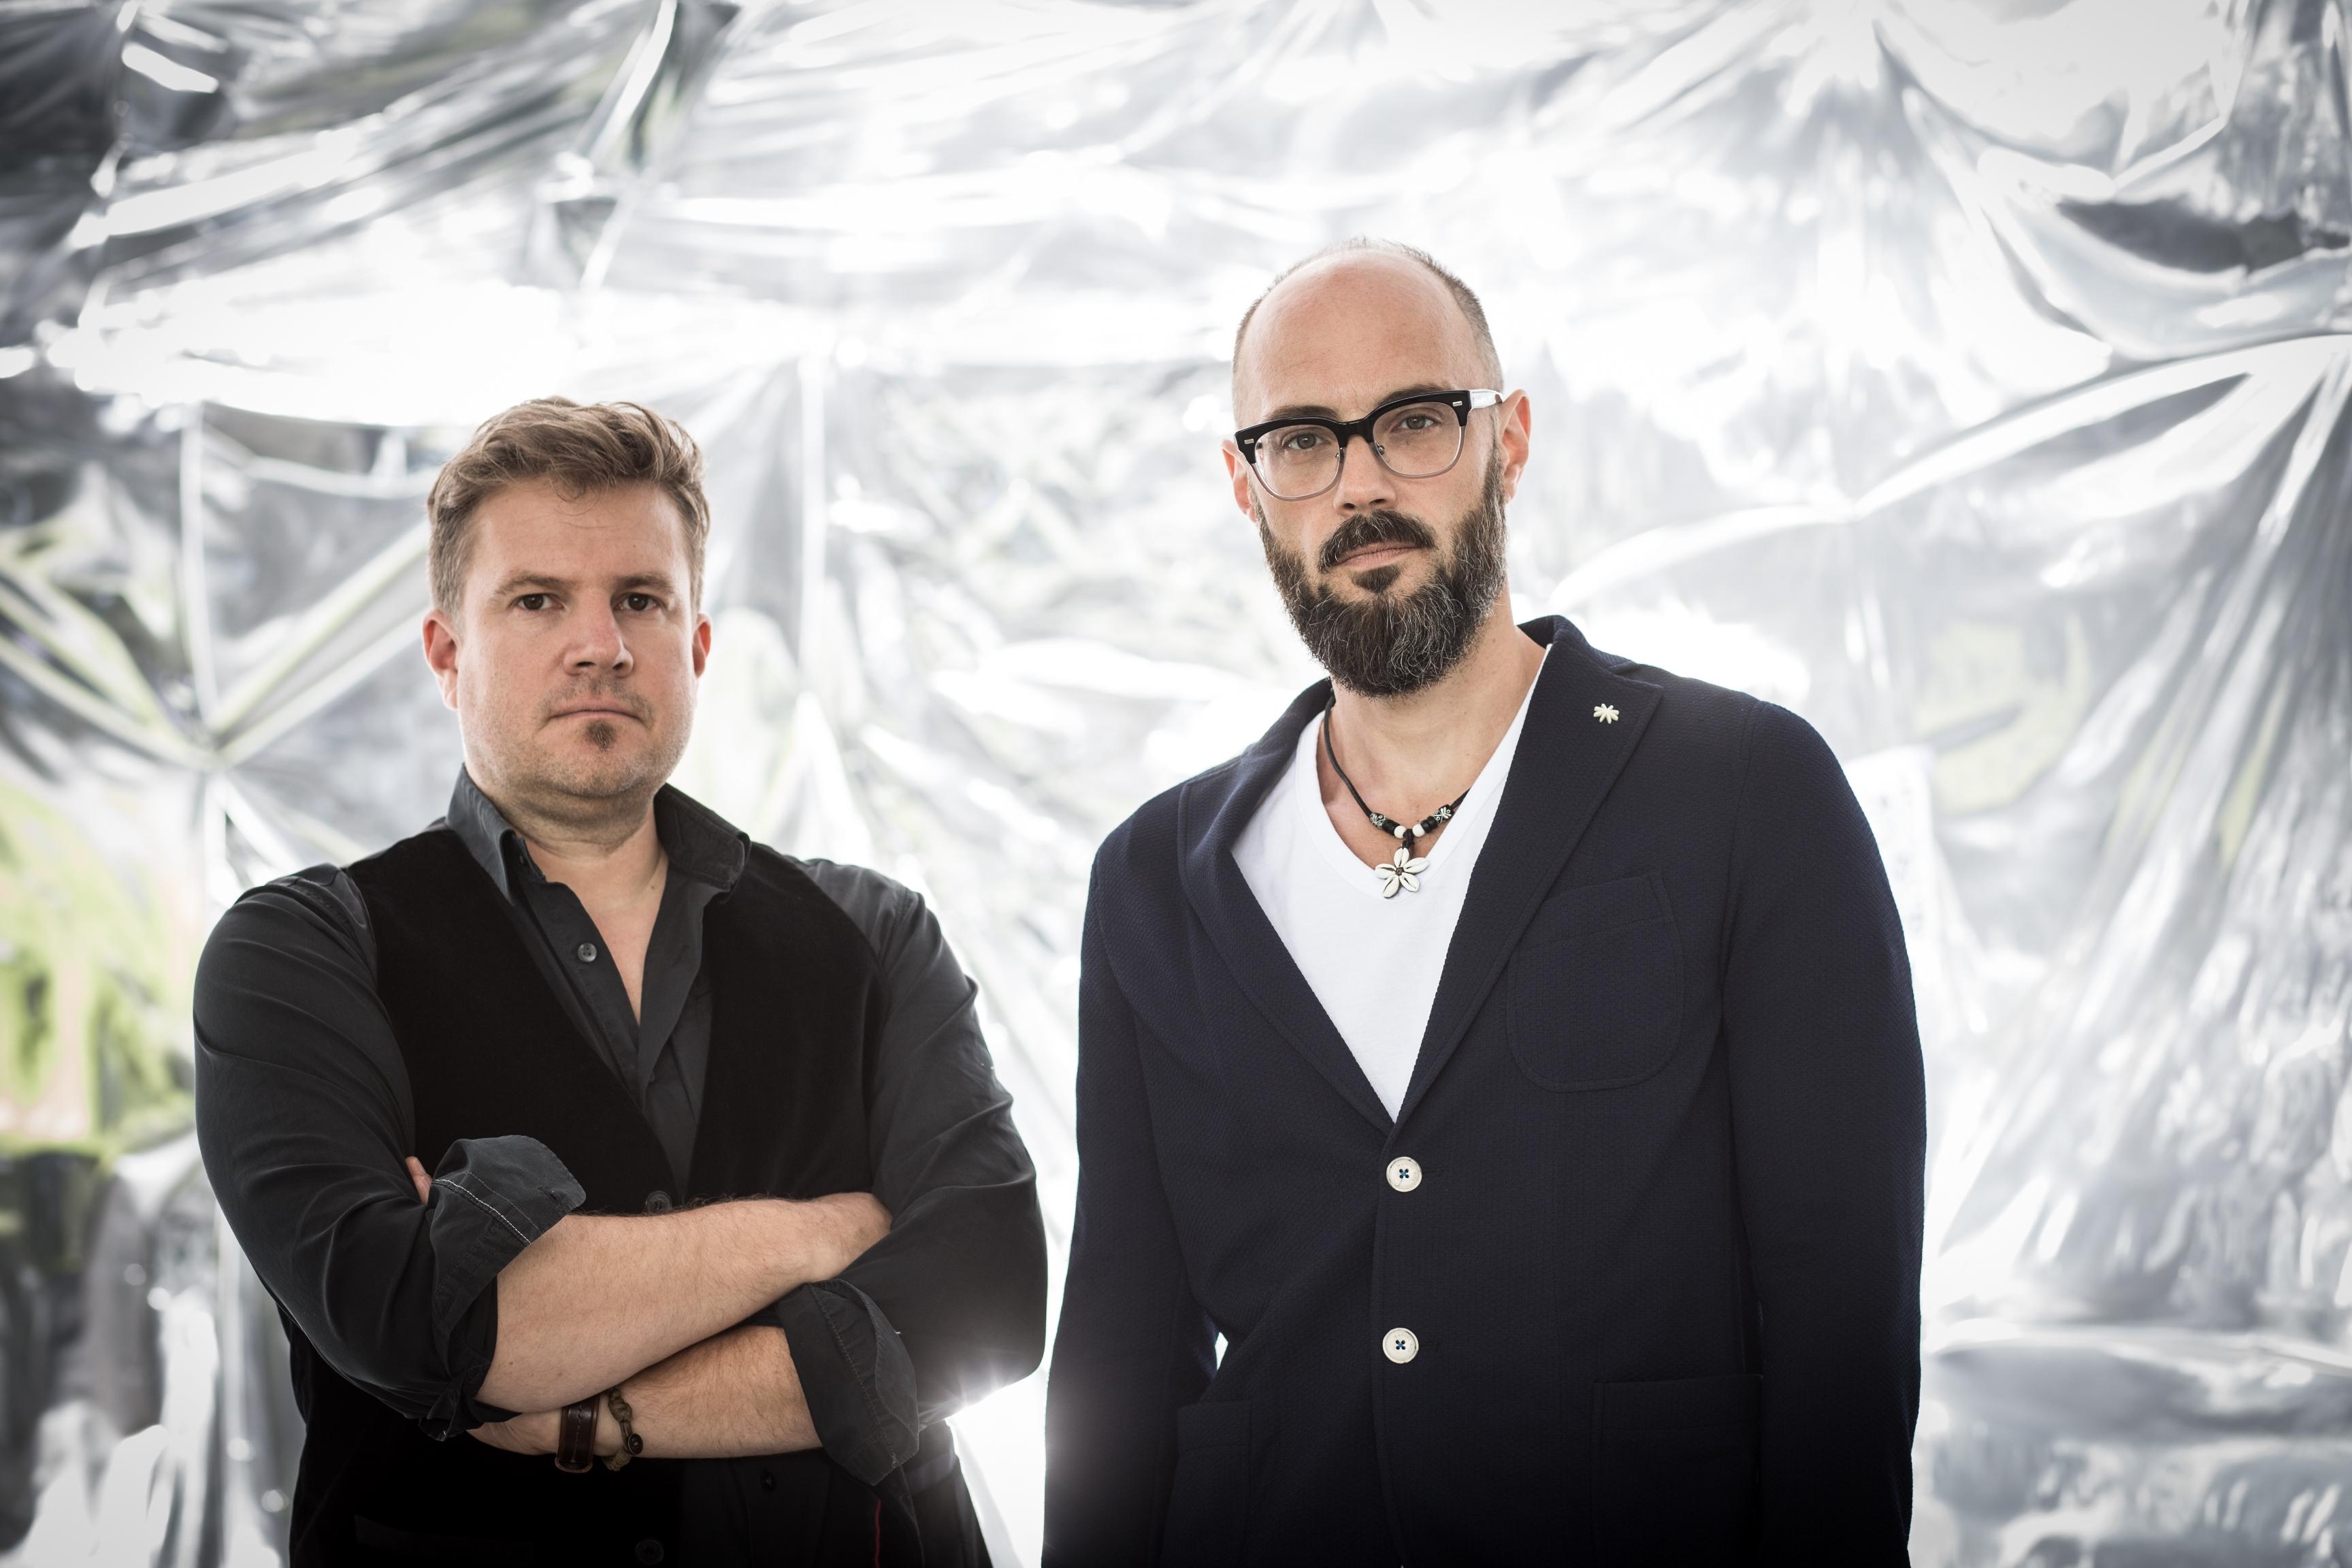 Kluepfel Volker, Kobr Michael (c) Hans Scherhaufer